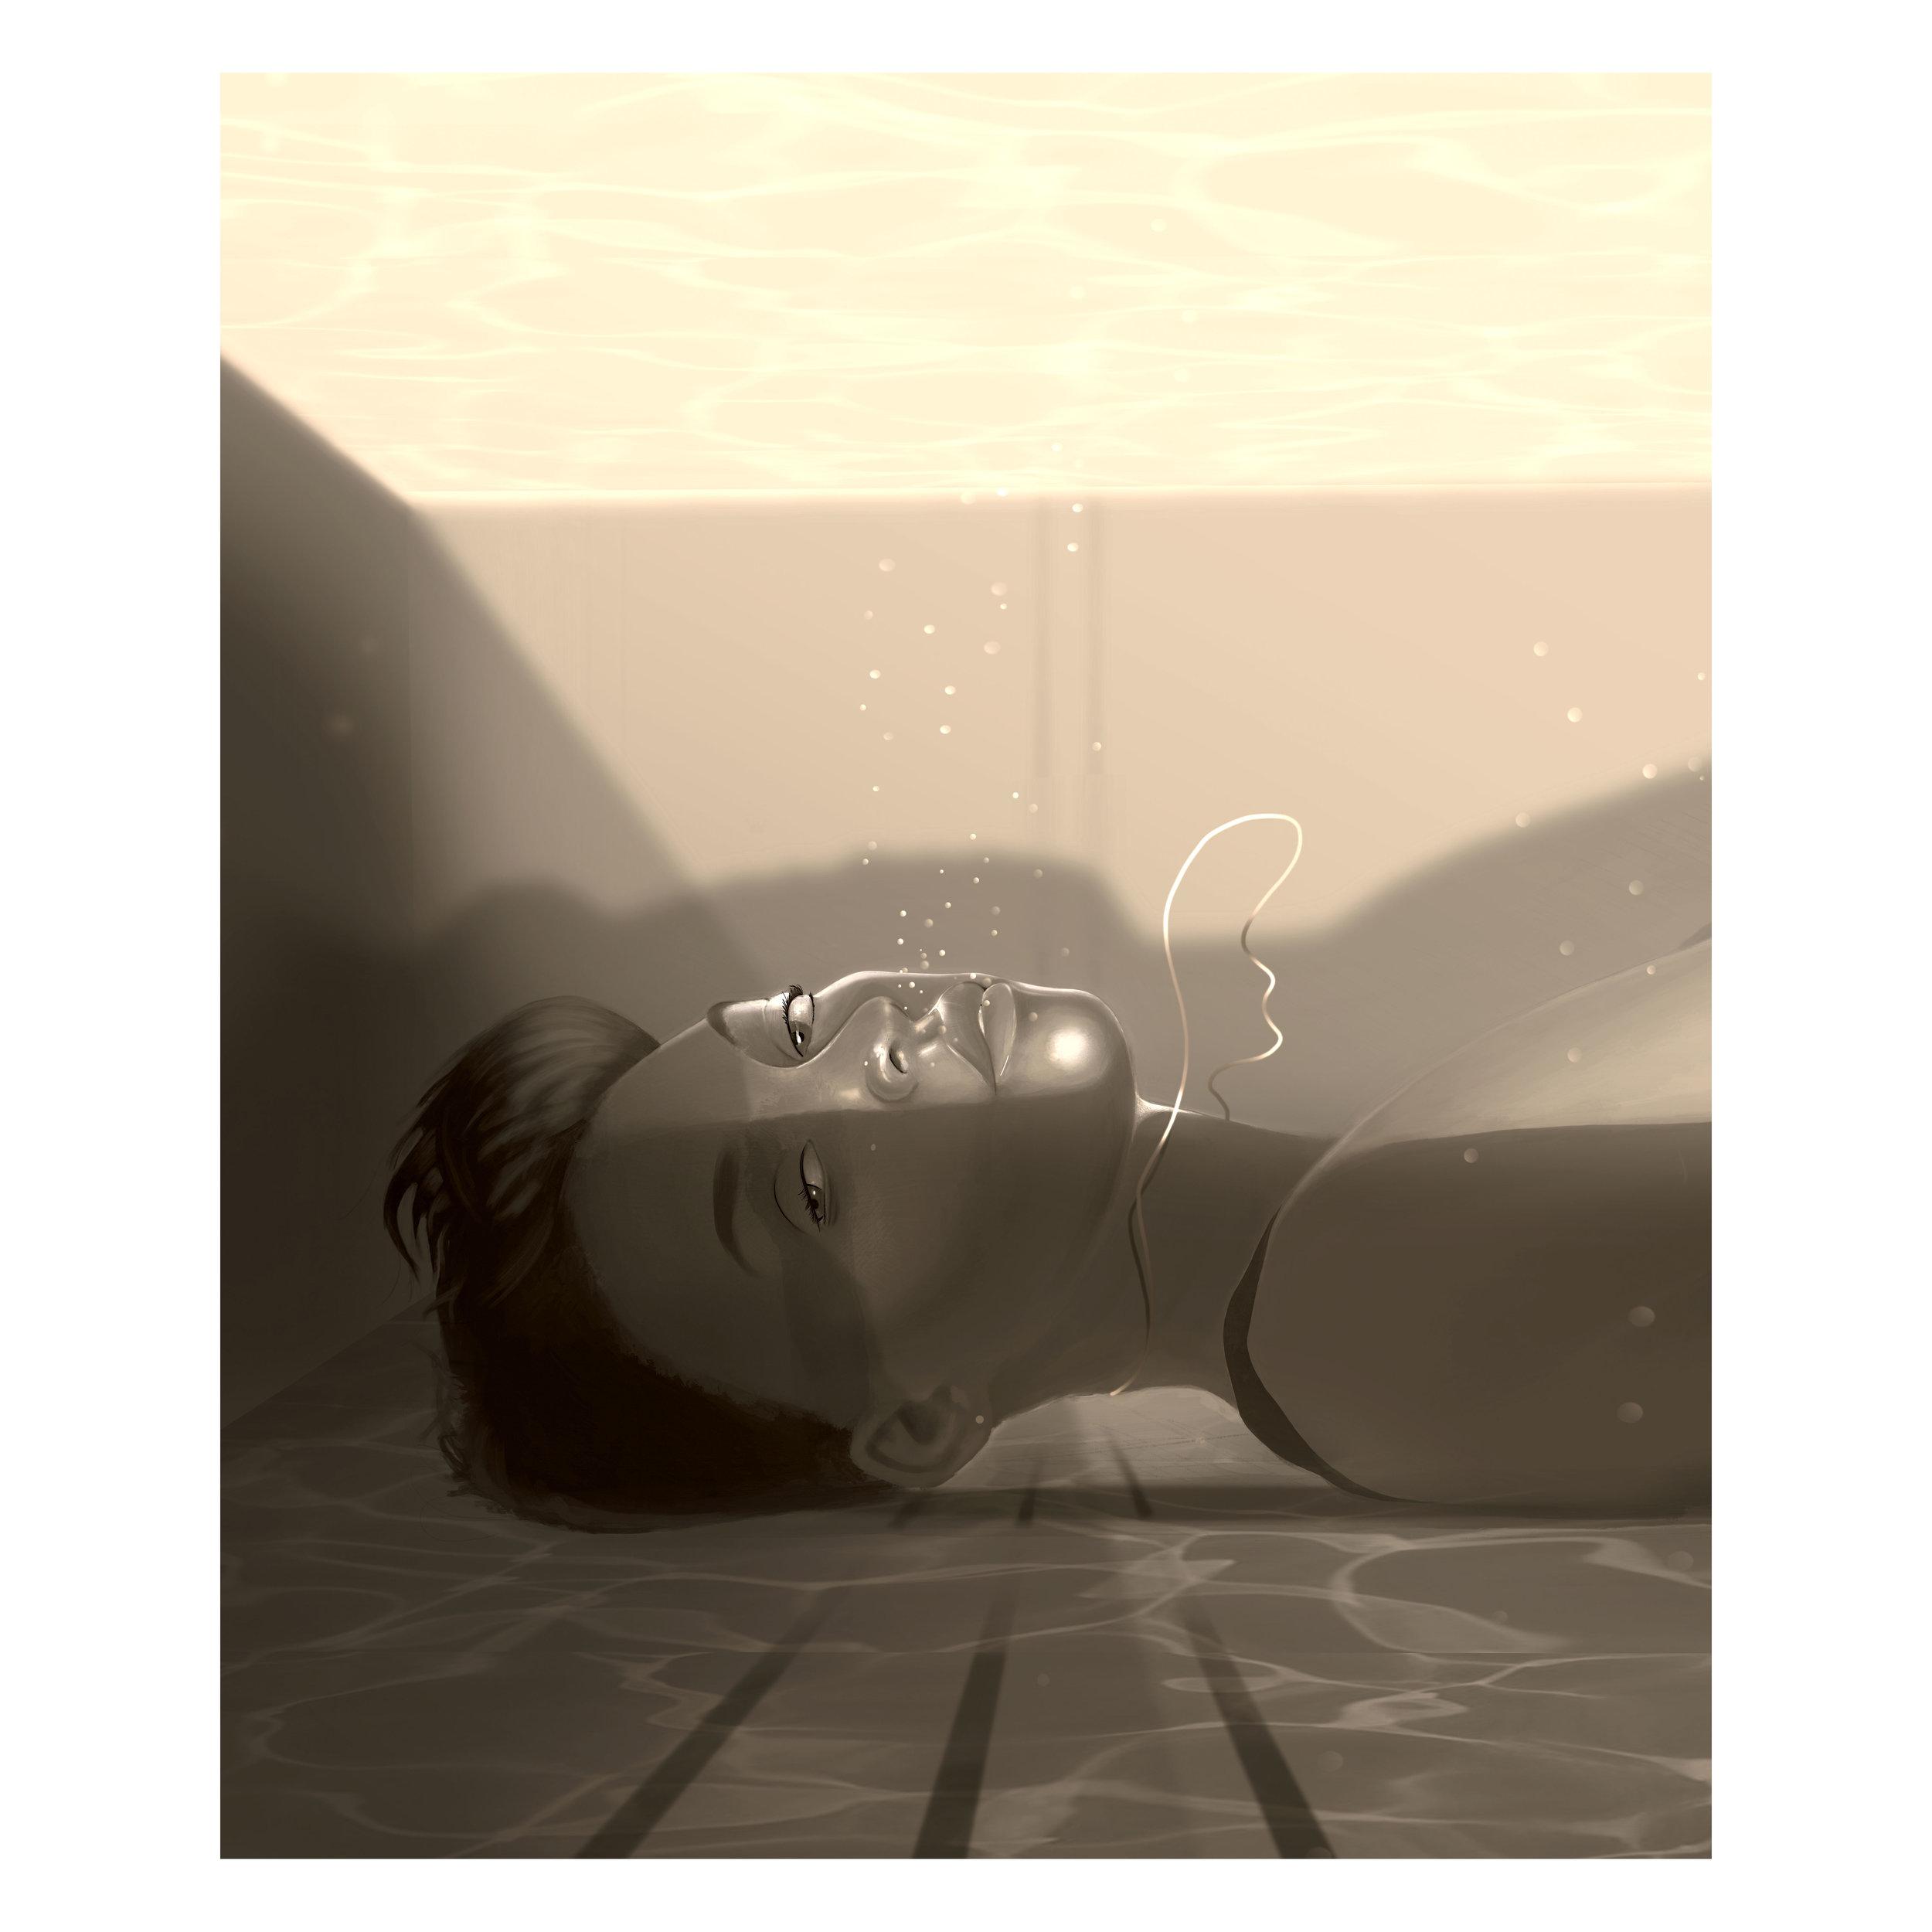 woman_in_water.jpg